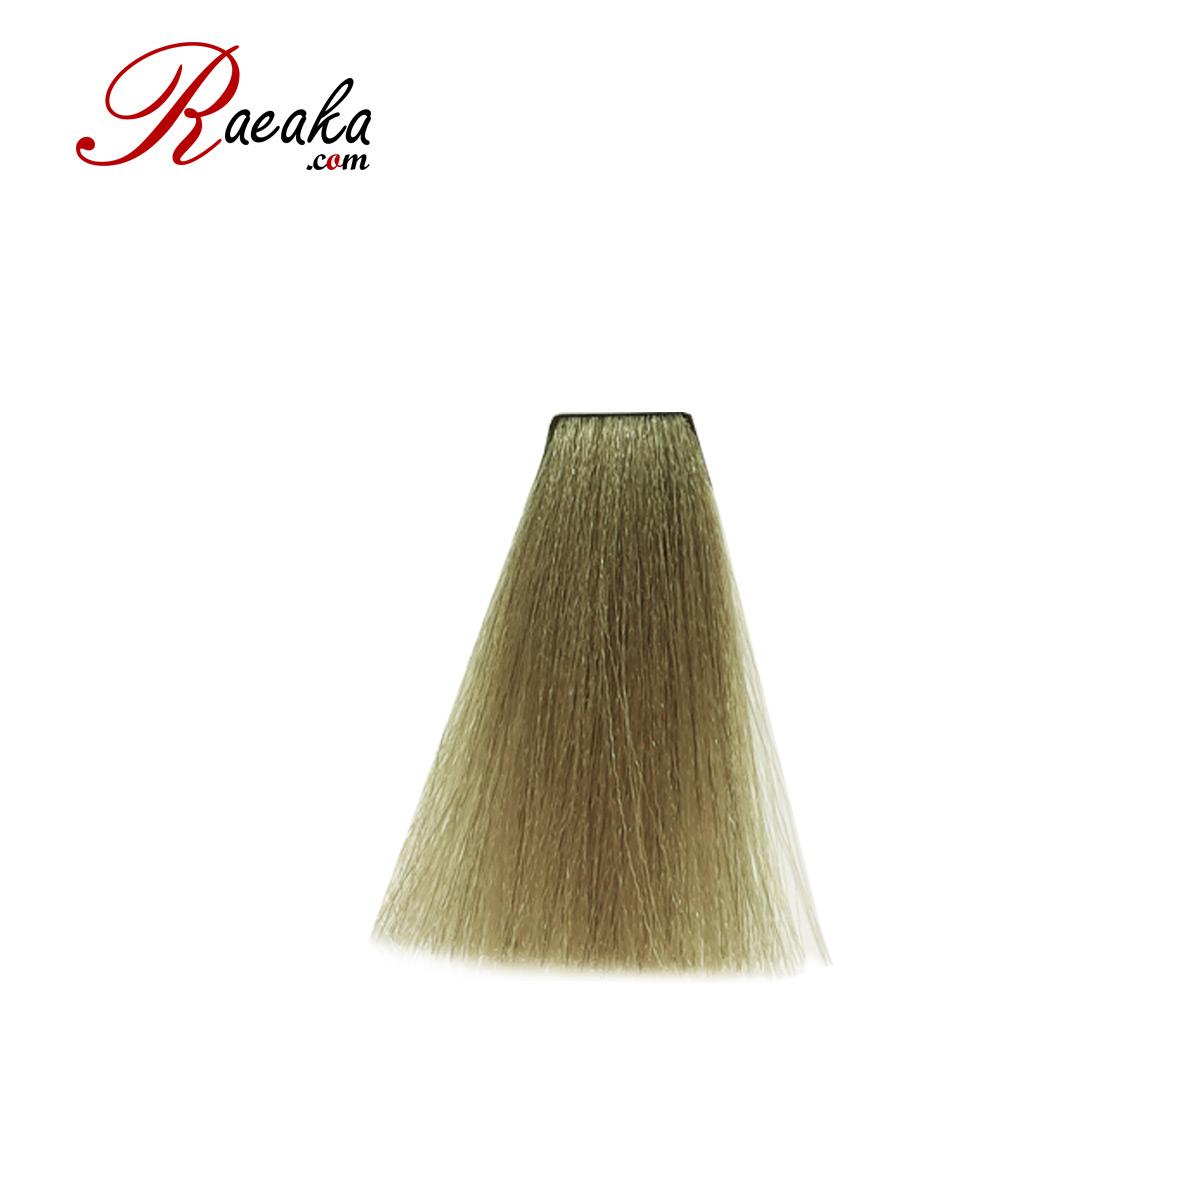 رنگ مو دوشس سری دودی شماره11-8 حجم 125 میلی لیتر